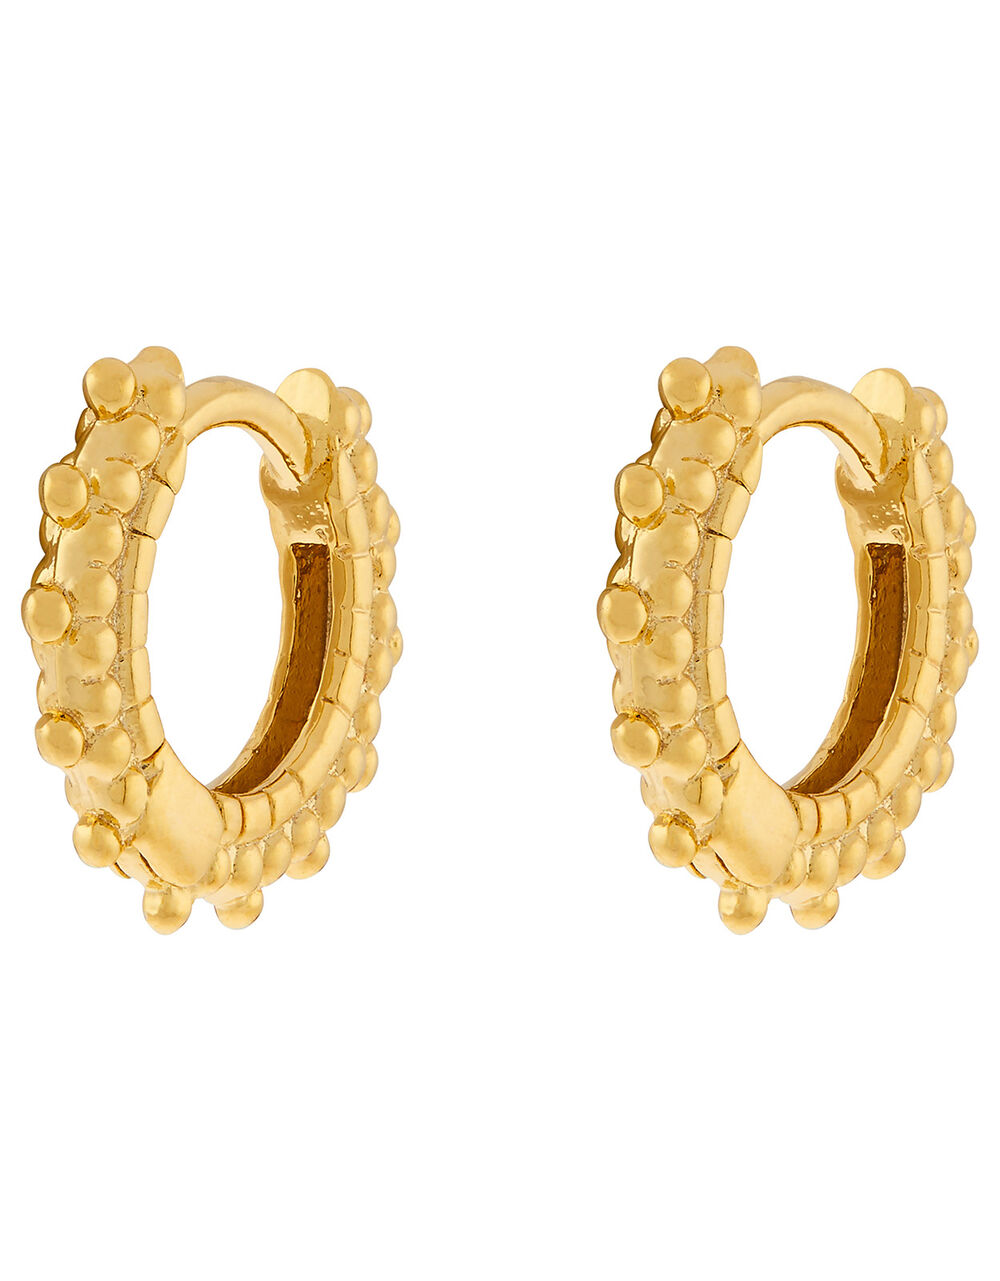 Gold-Plated Bobble Huggie Hoop Earrings, , large